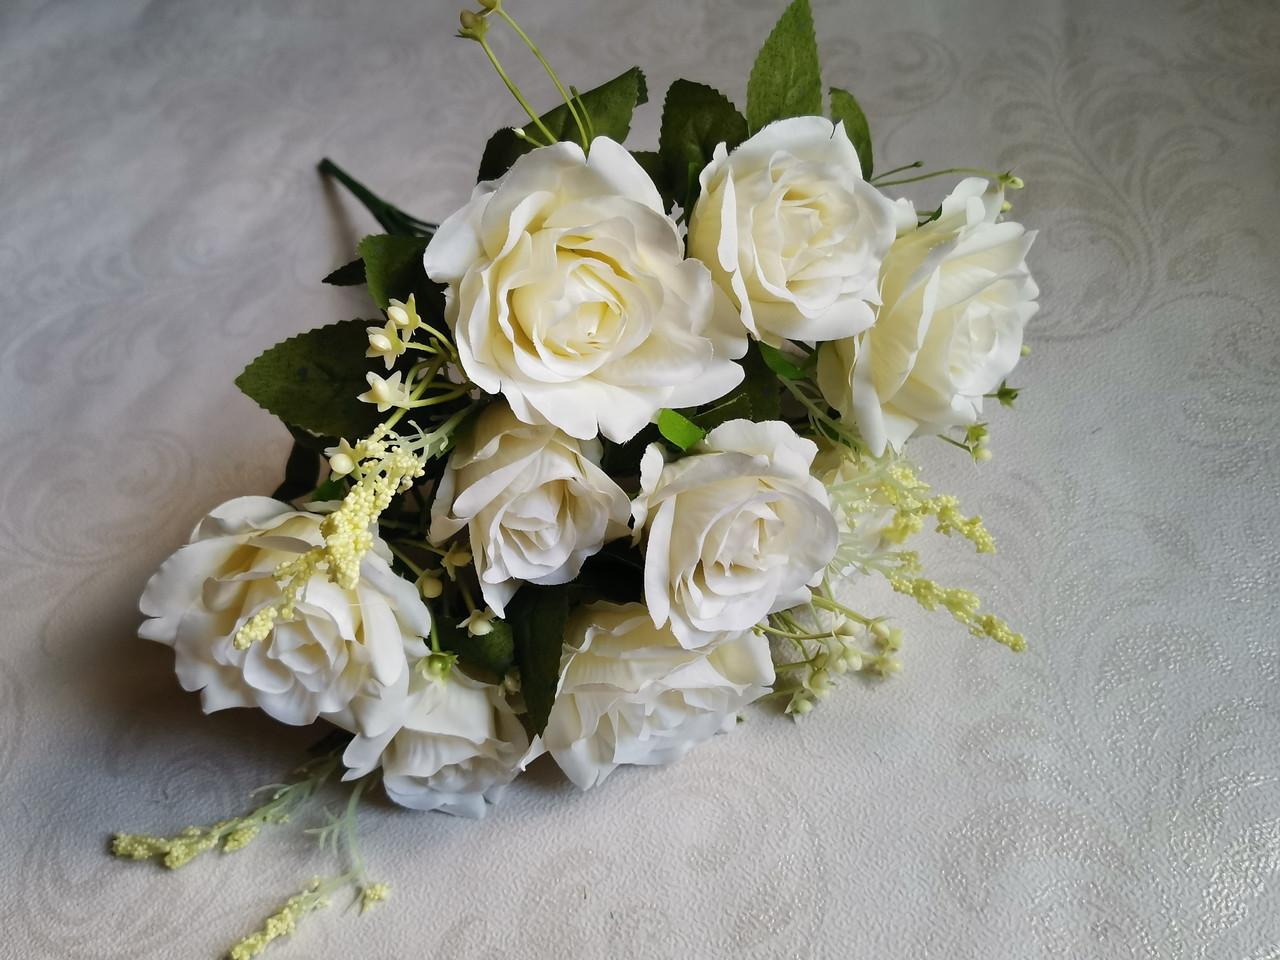 Искусственные цветы. Букет роз Пастель, белый.